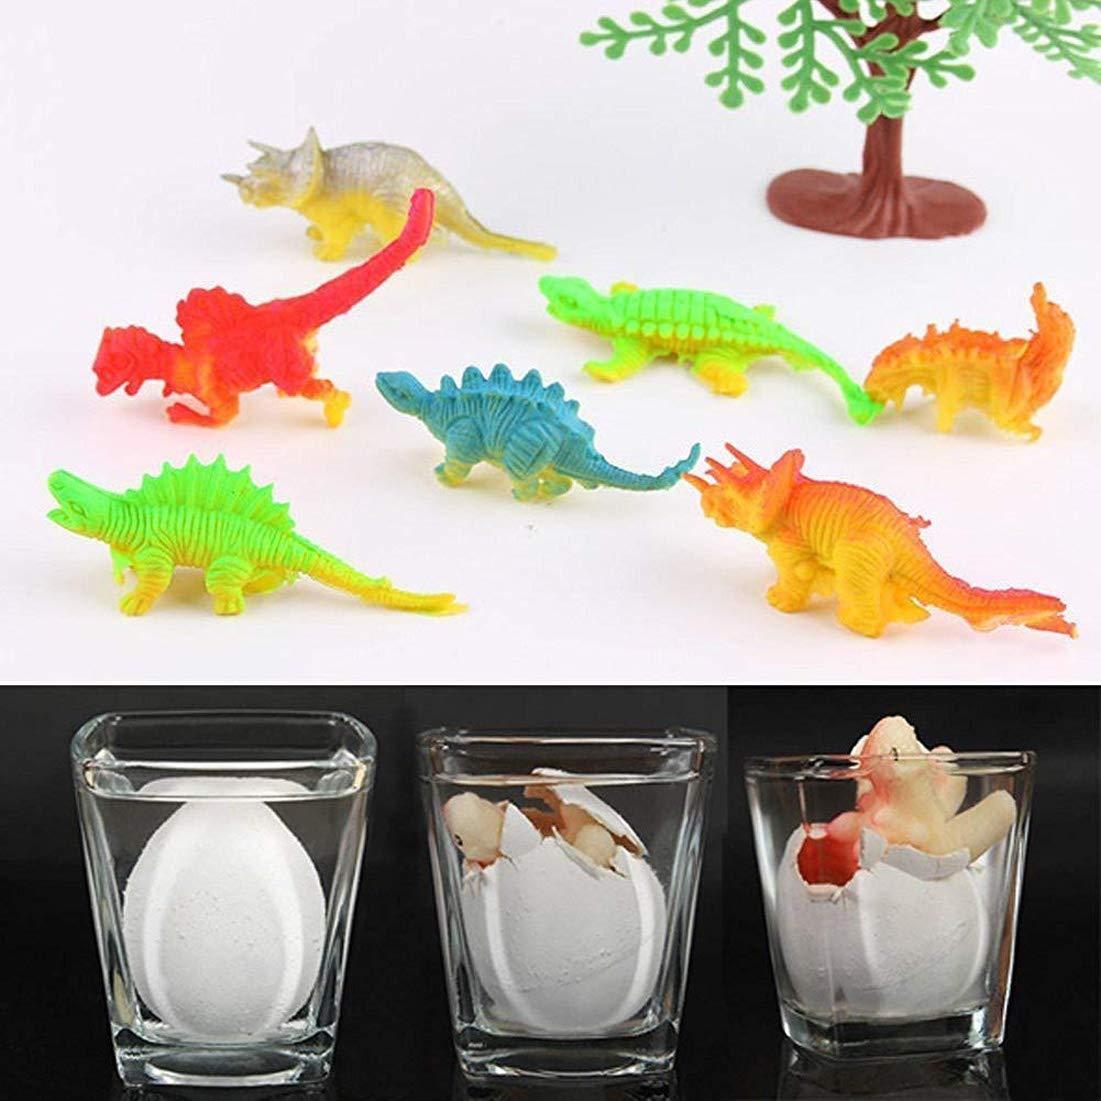 Yeelan Huevos de Dinosaurio Juguete de incubación creciendo Dino Dragon para niños Paquete de Gran tamaño de 30pcs, patrón de Puntos de Colores